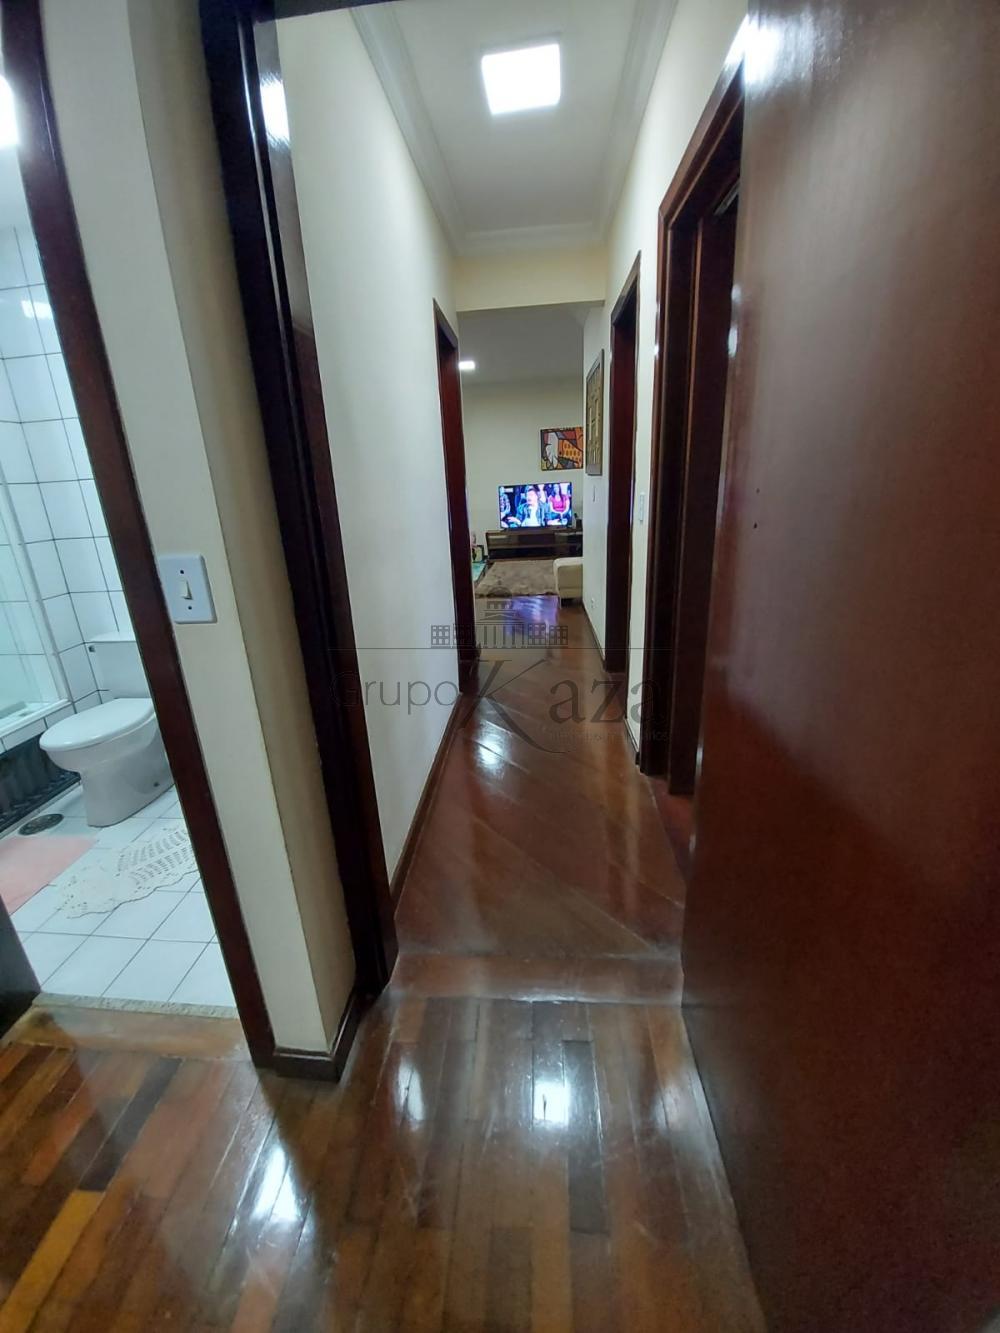 alt='Alugar Apartamento / Padrão em São José dos Campos R$ 2.750,00 - Foto 11' title='Alugar Apartamento / Padrão em São José dos Campos R$ 2.750,00 - Foto 11'